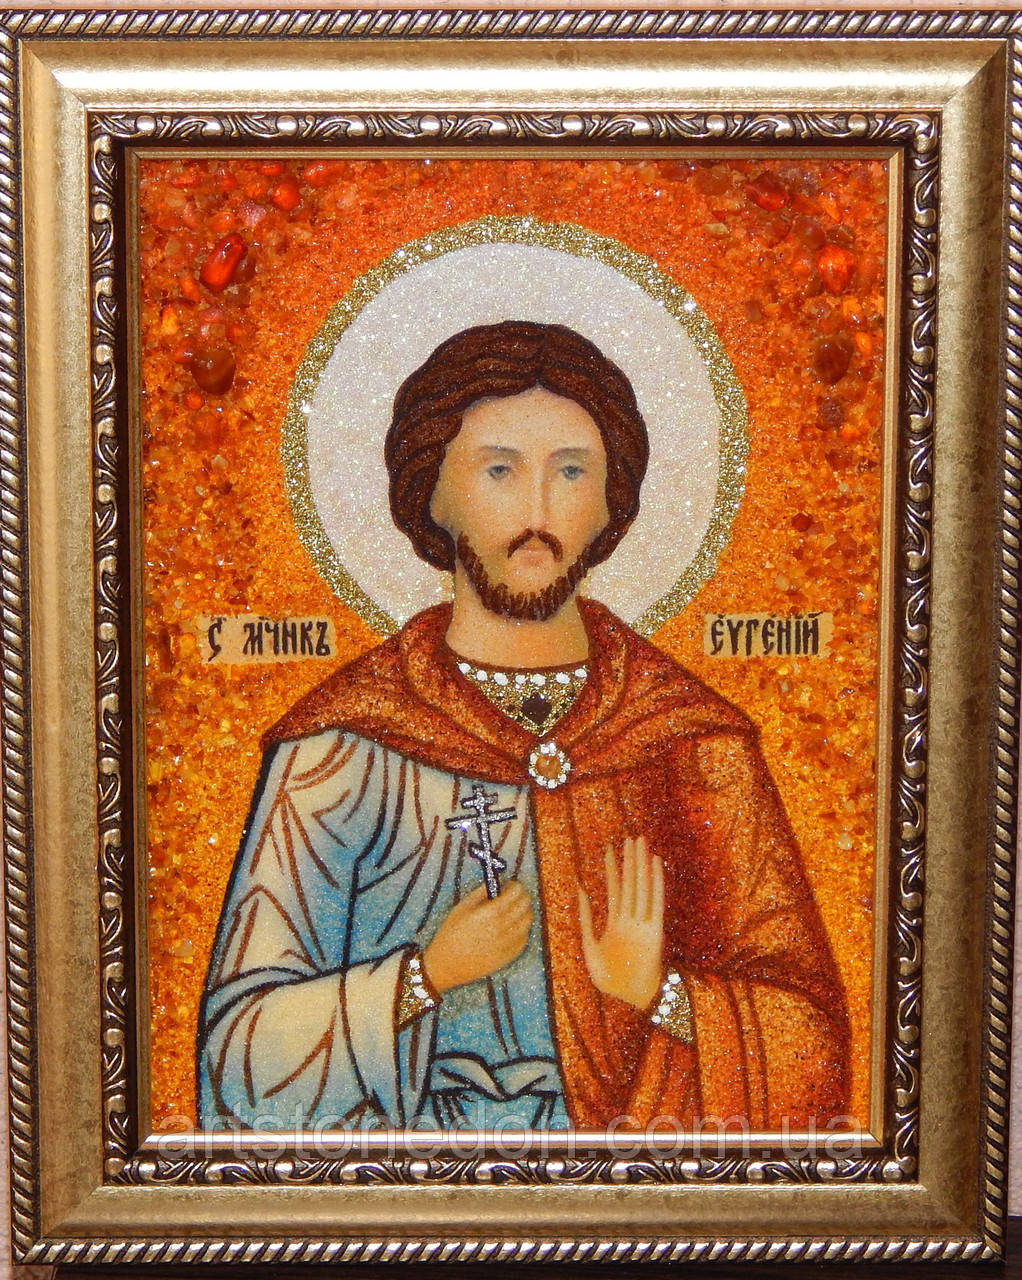 Икона из янтаря Святой Евгений